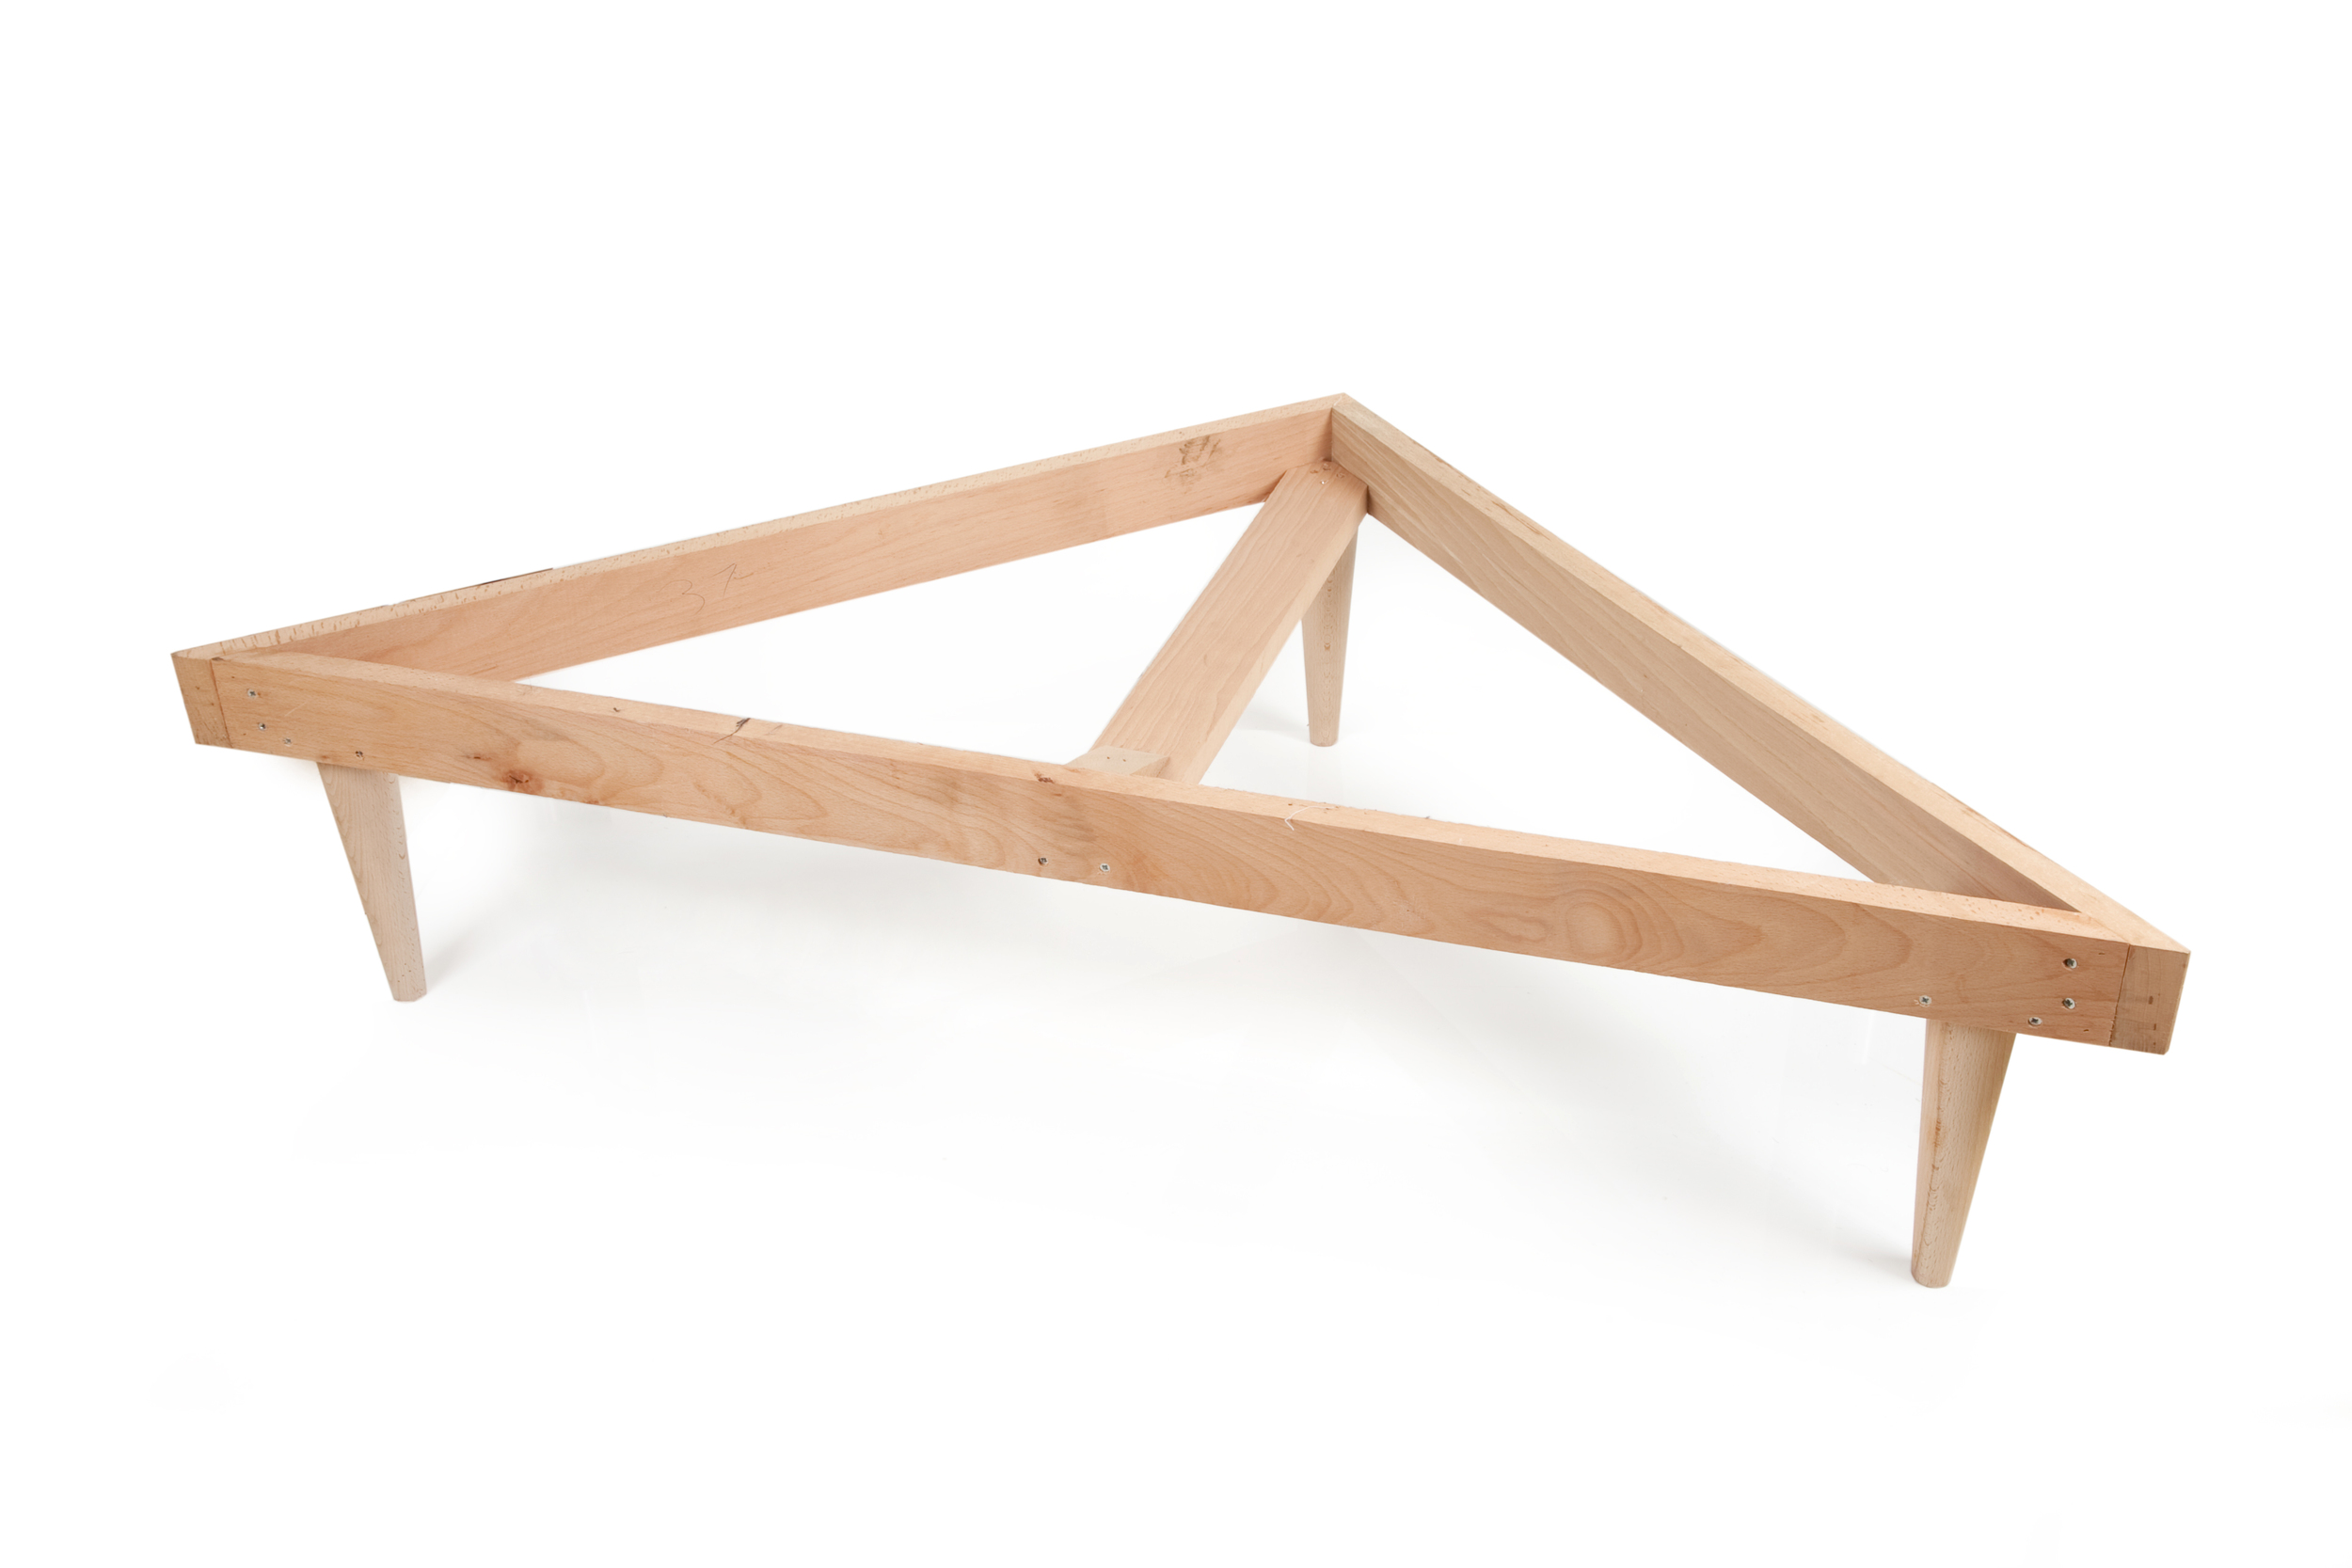 Hardwood footstool frame